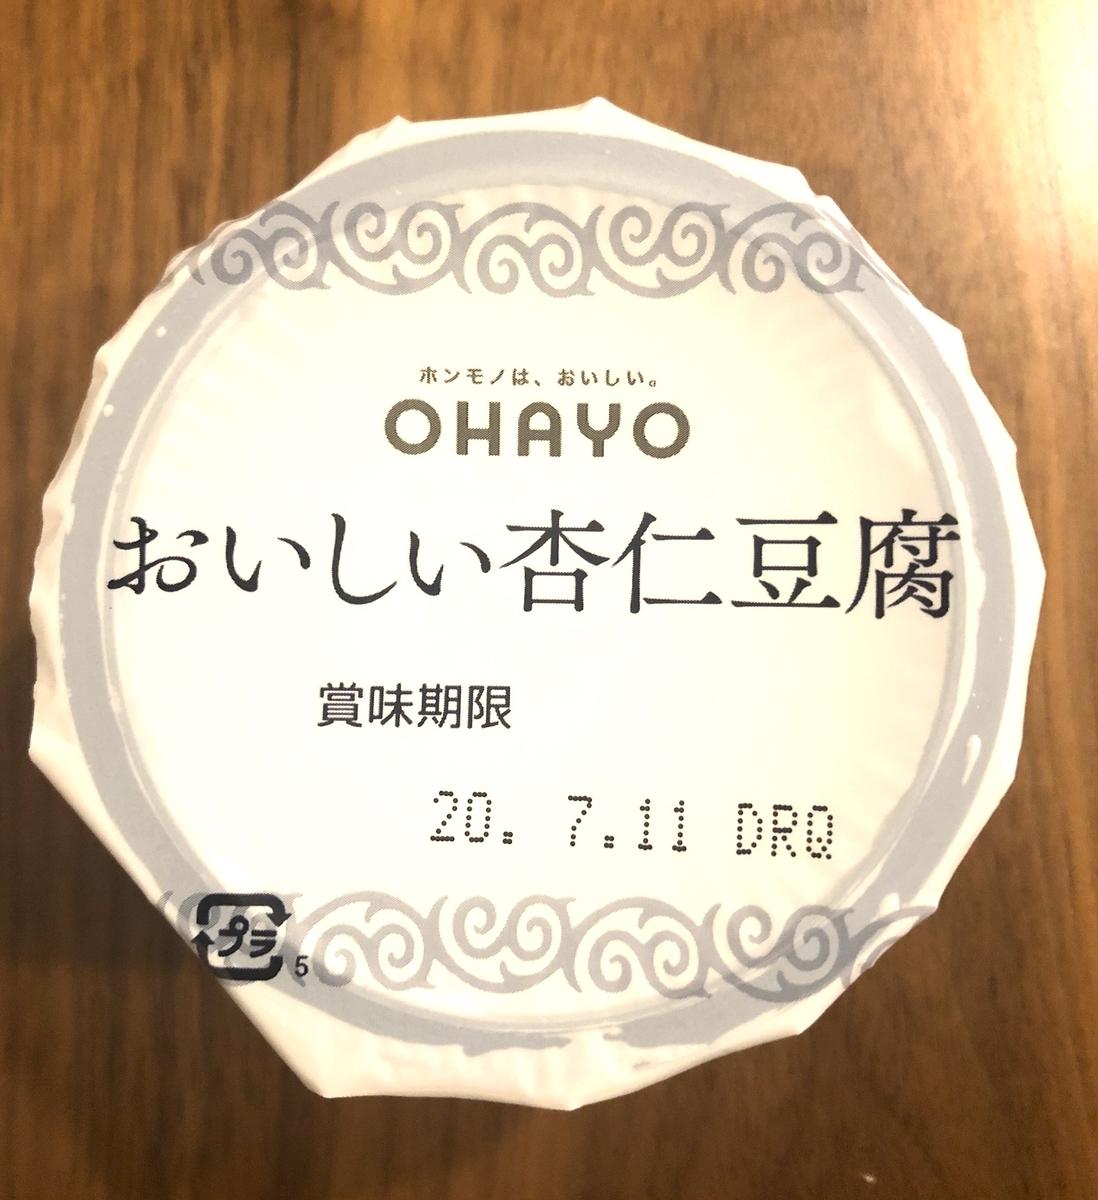 OHAYOおいしい杏仁豆腐